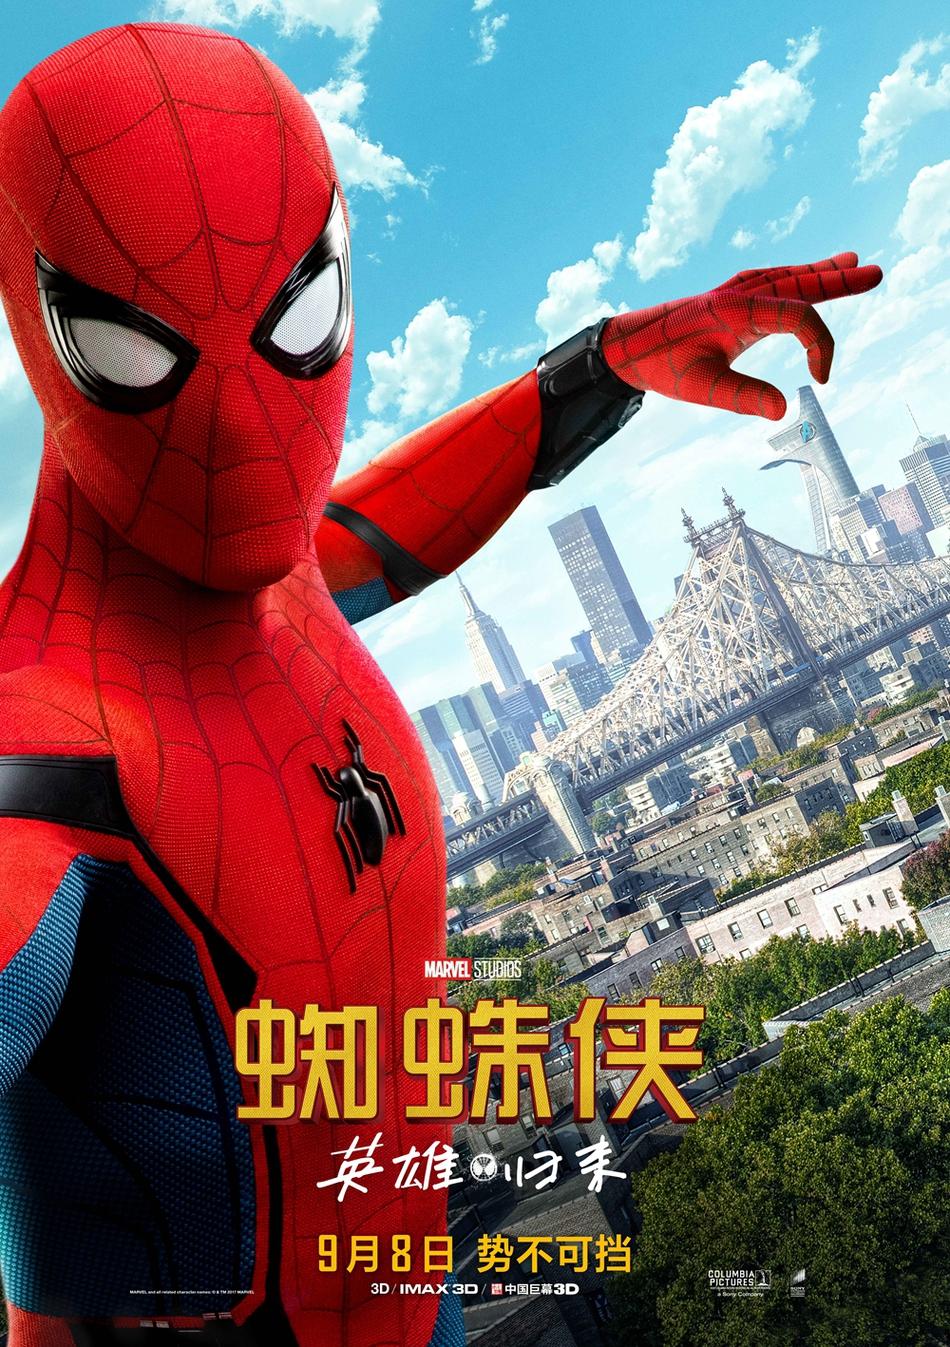 组图 蜘蛛侠 英雄归来 曝成长版海报 小蜘蛛高空玩自拍